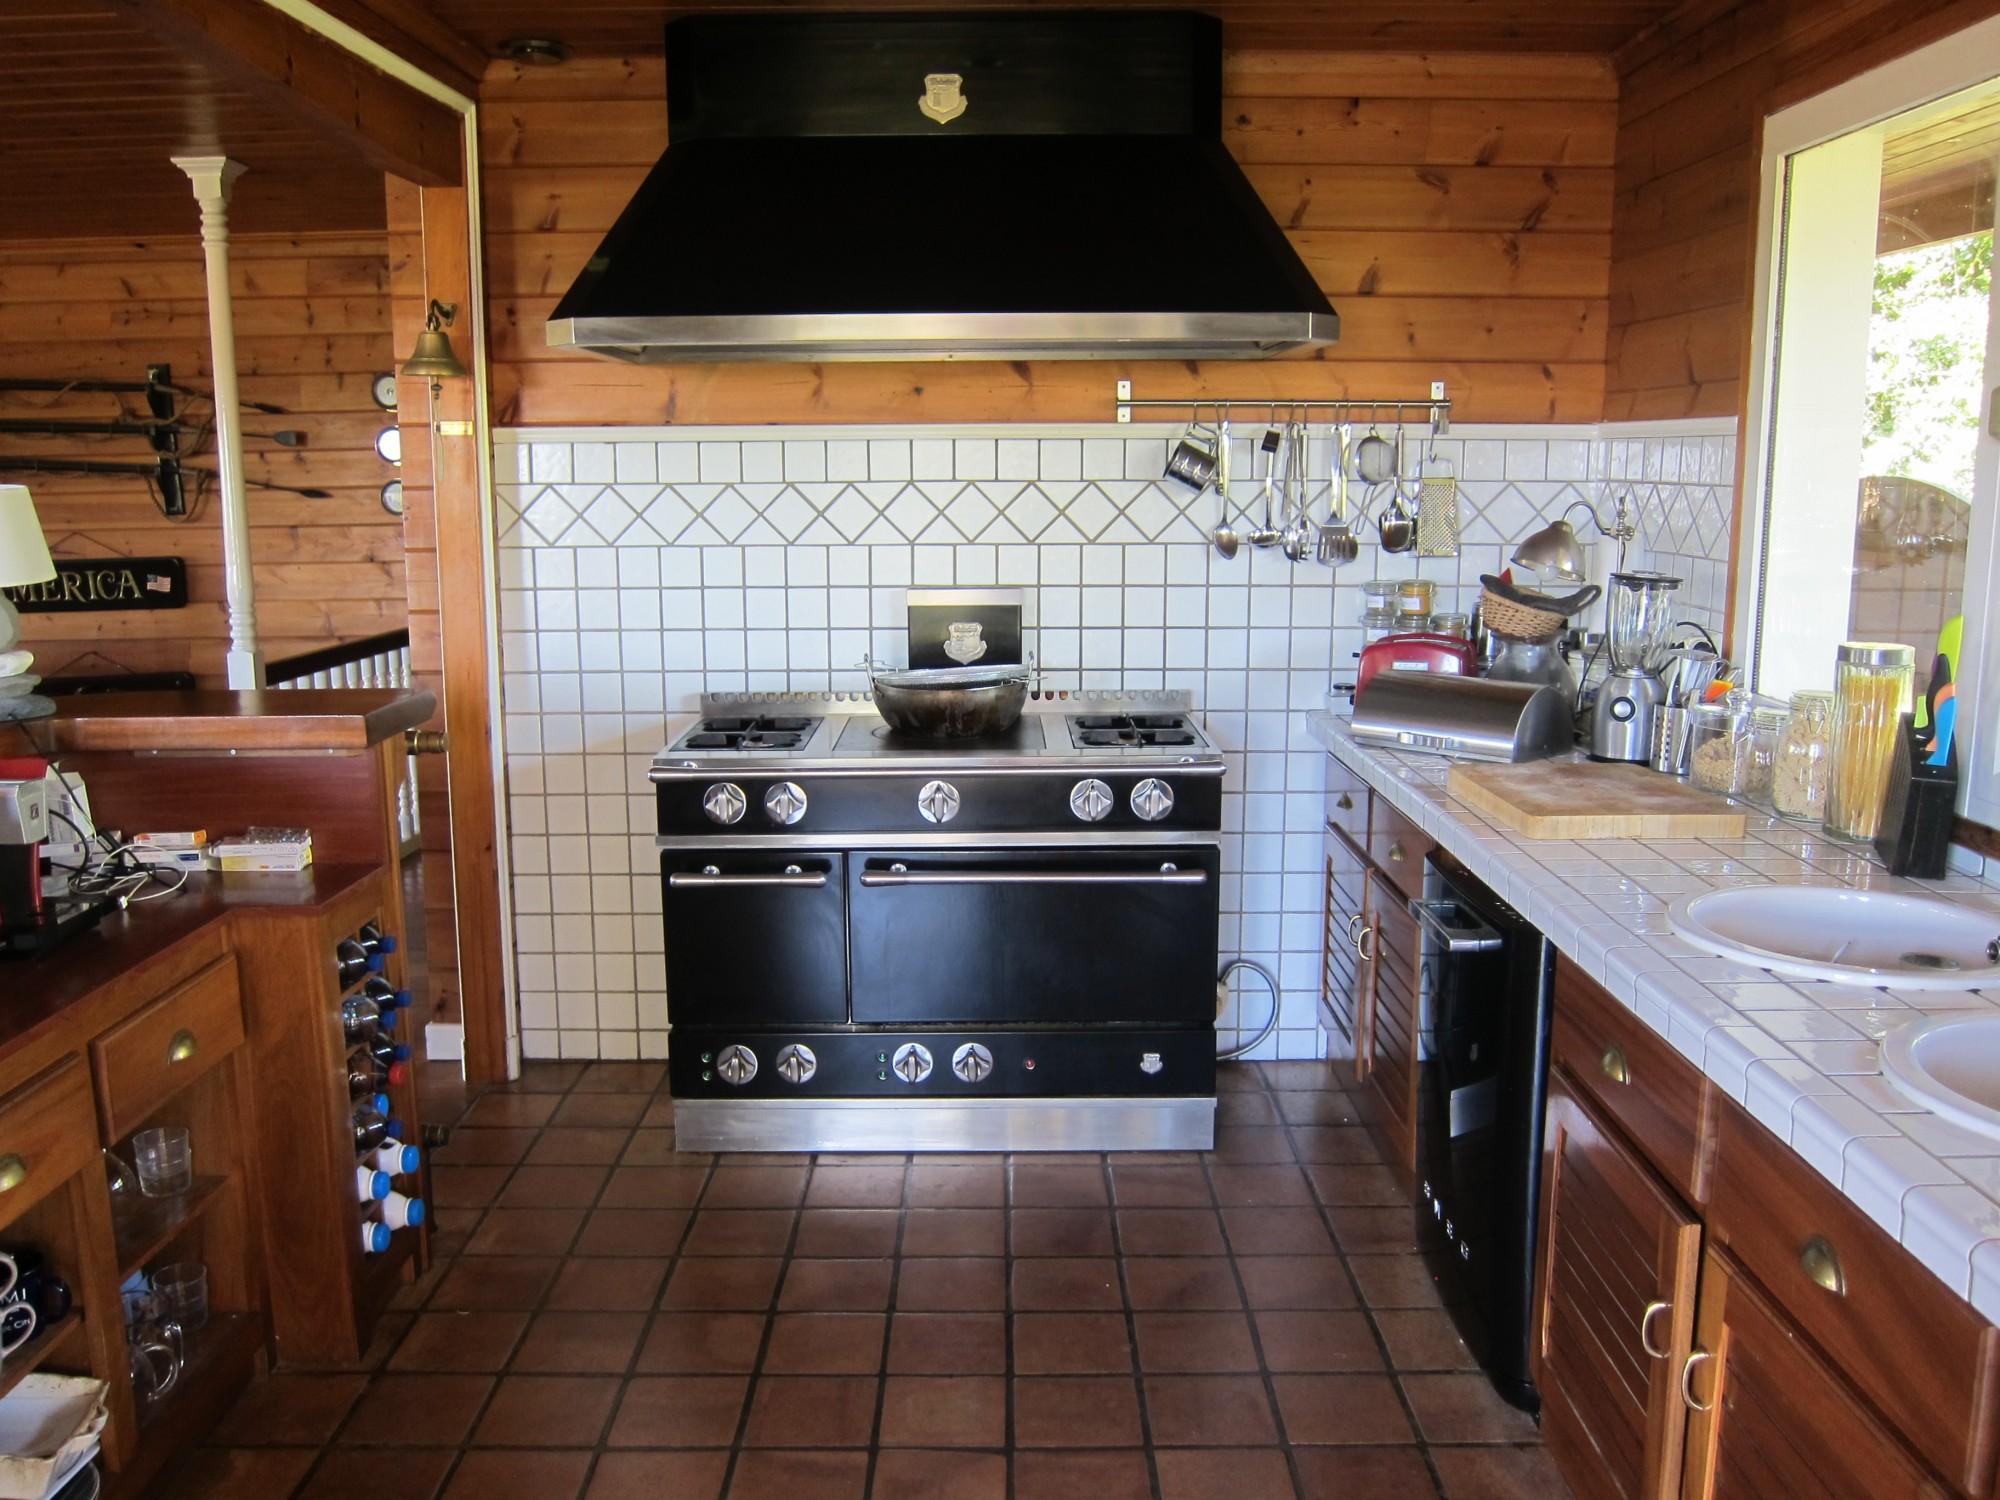 Vente maison villa arcachon portes de l 39 ocean ossature bois coldwell banker - Agence des portes de l ocean ...